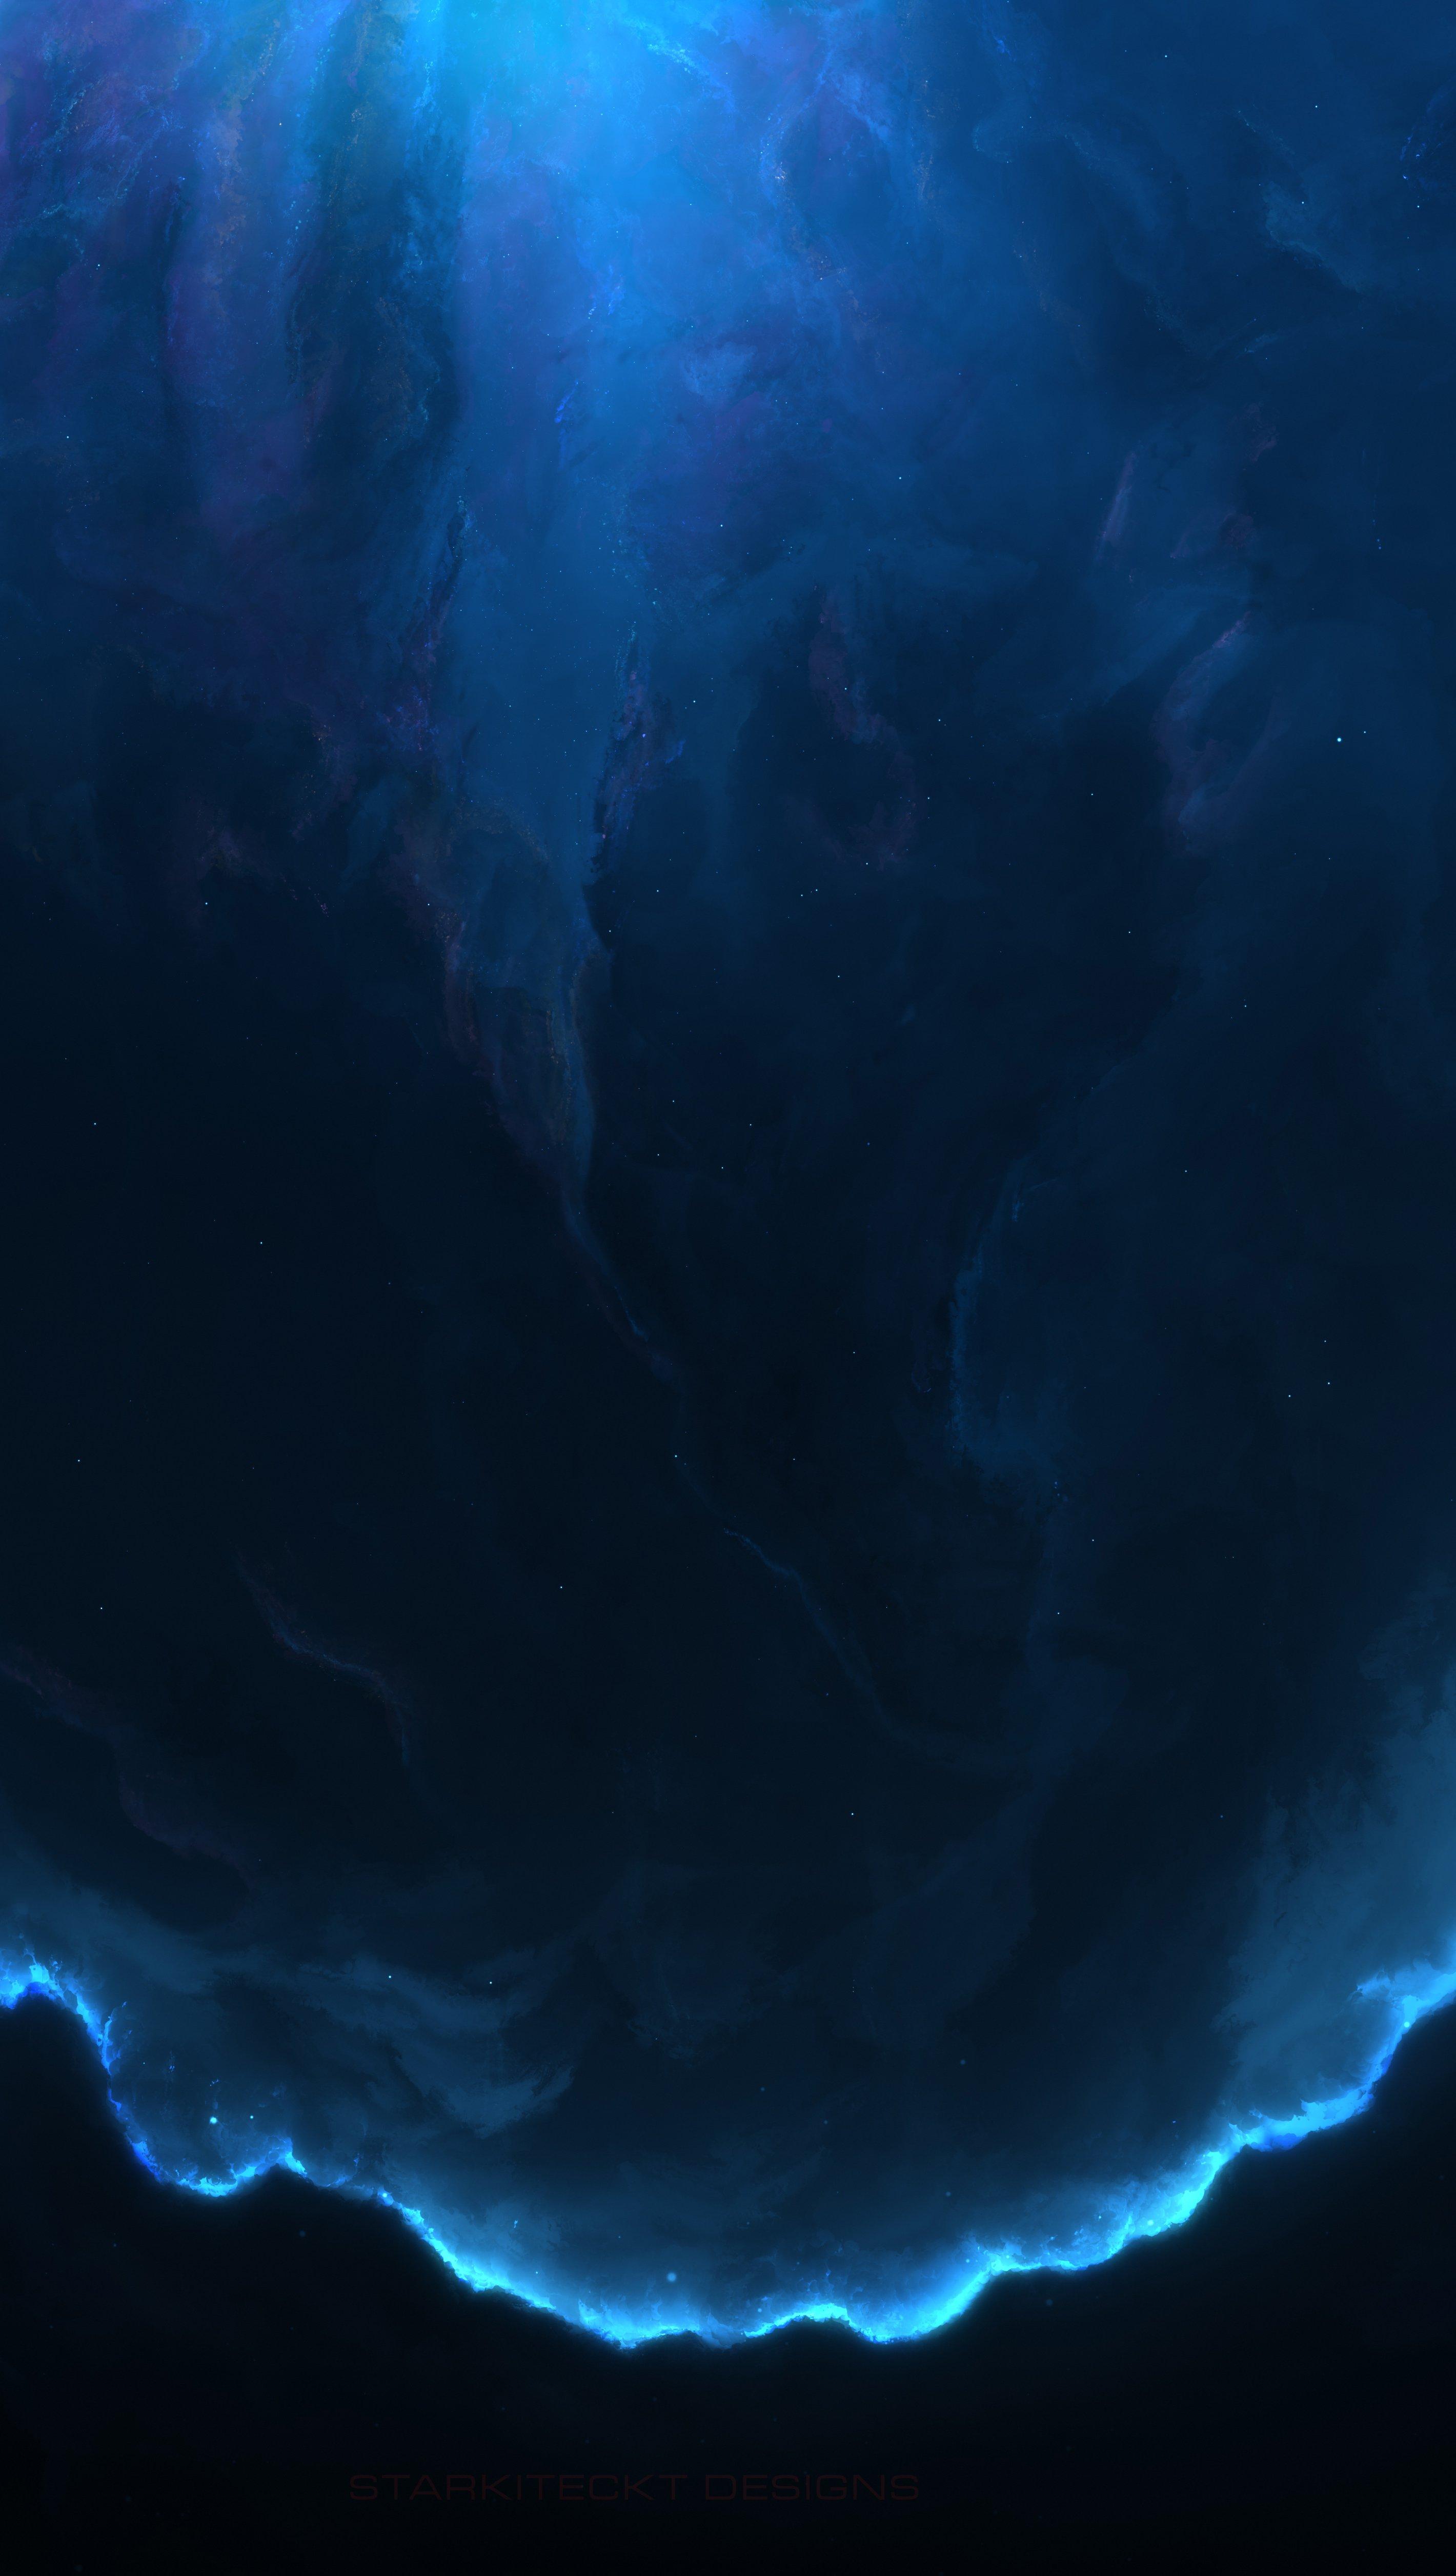 Fondos de pantalla Nebulosa en el Espacio 12k Vertical